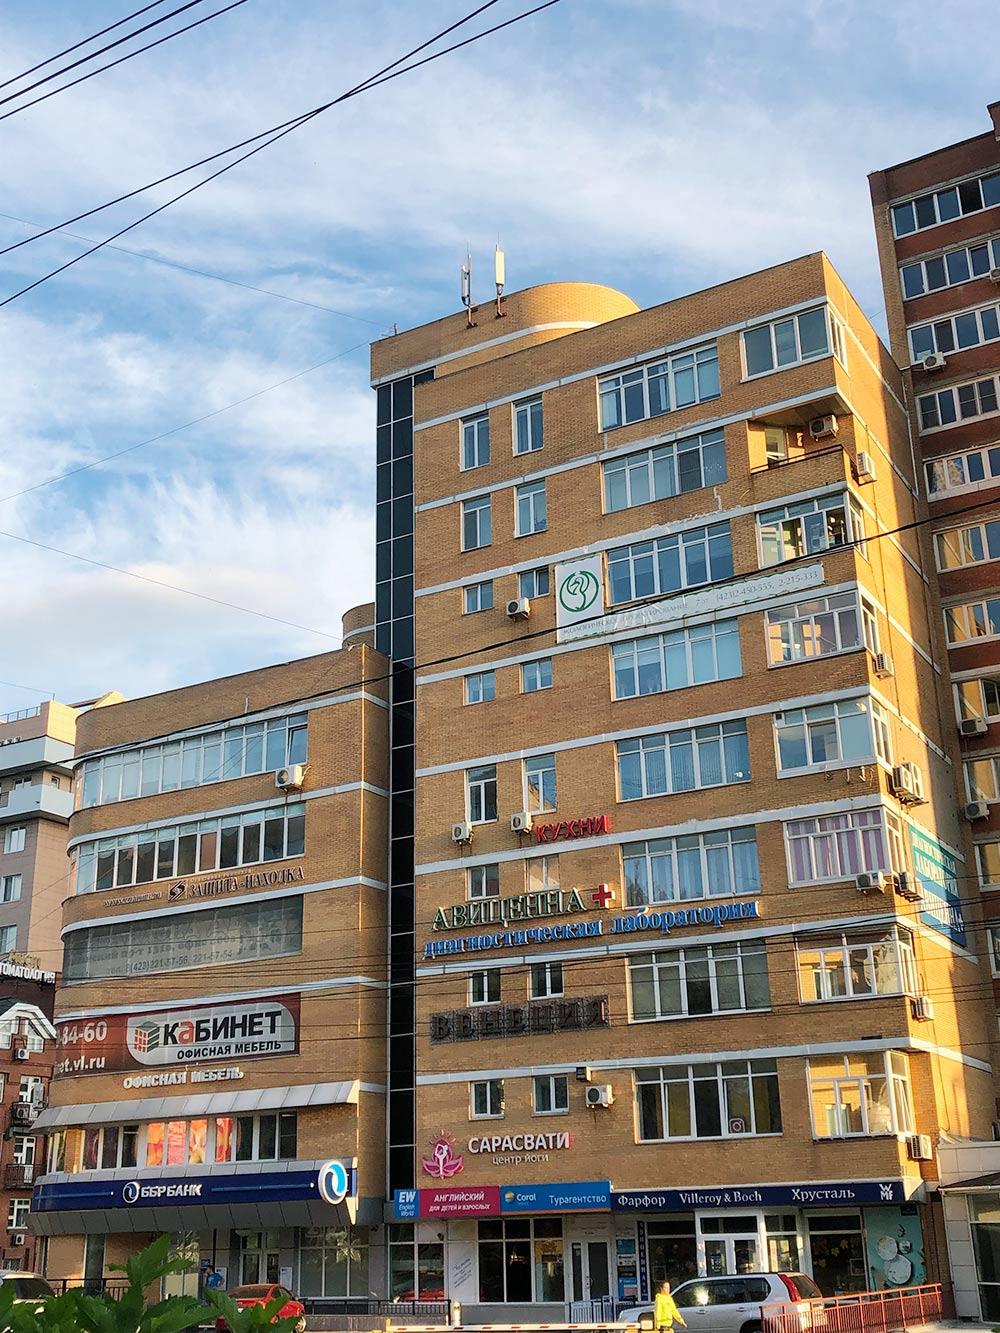 Судя по количеству рекламных вывесок, собственники этого МКД могут получать сотни тысяч рублей арендной платы за пользование общим имуществом в месяц